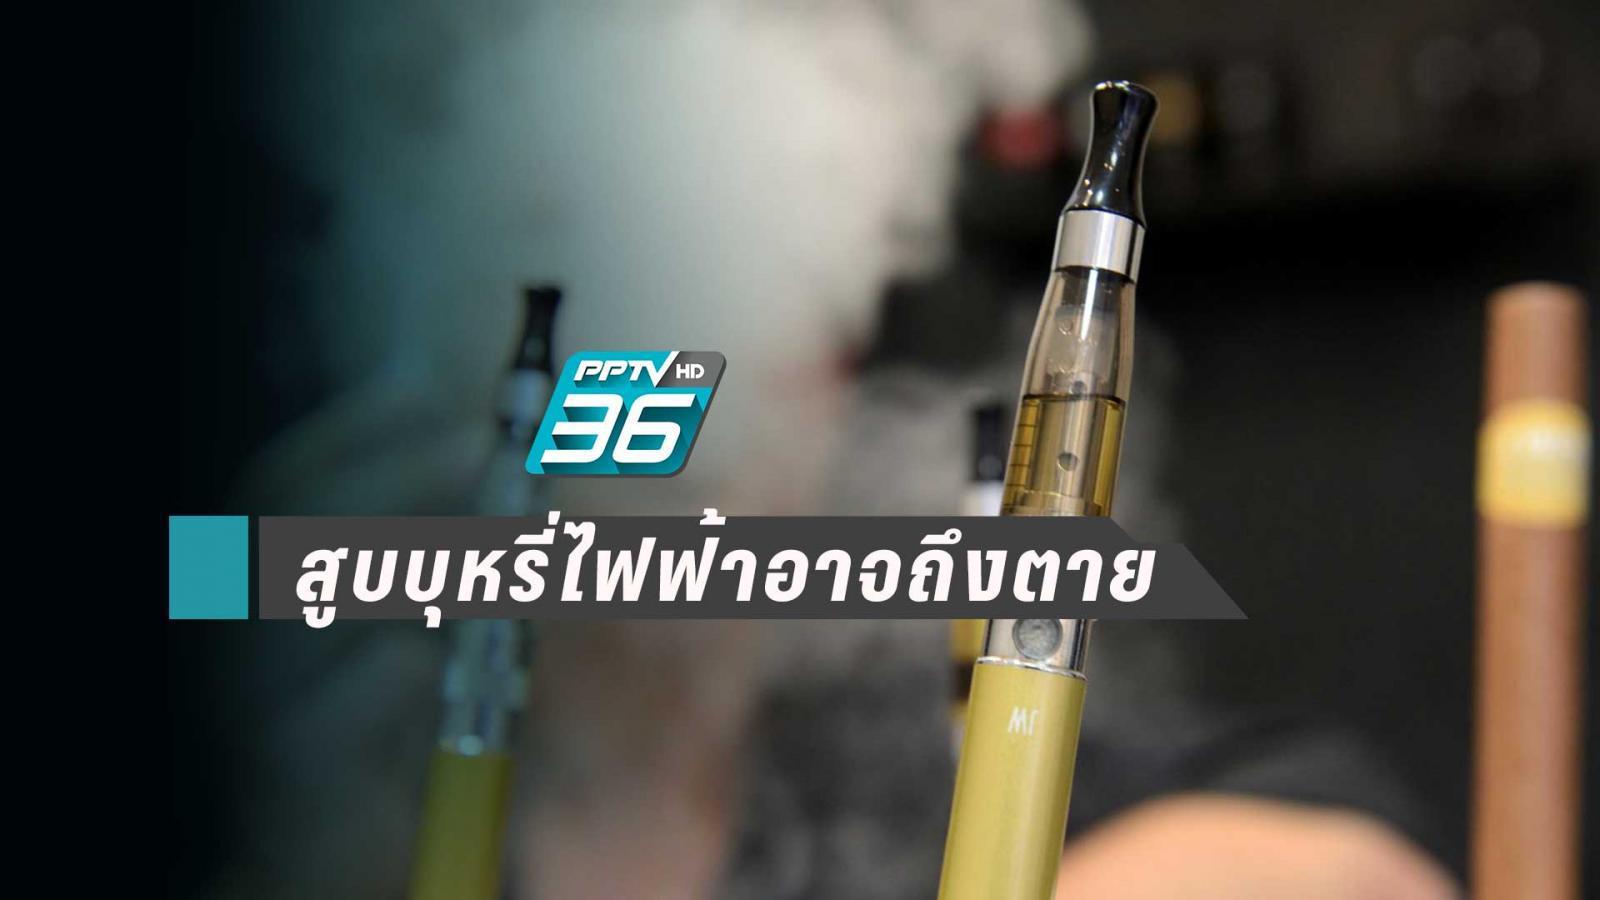 เตือนบุหรี่ไฟฟ้าเสี่ยงโรคปอดอักเสบอาจถึงตาย